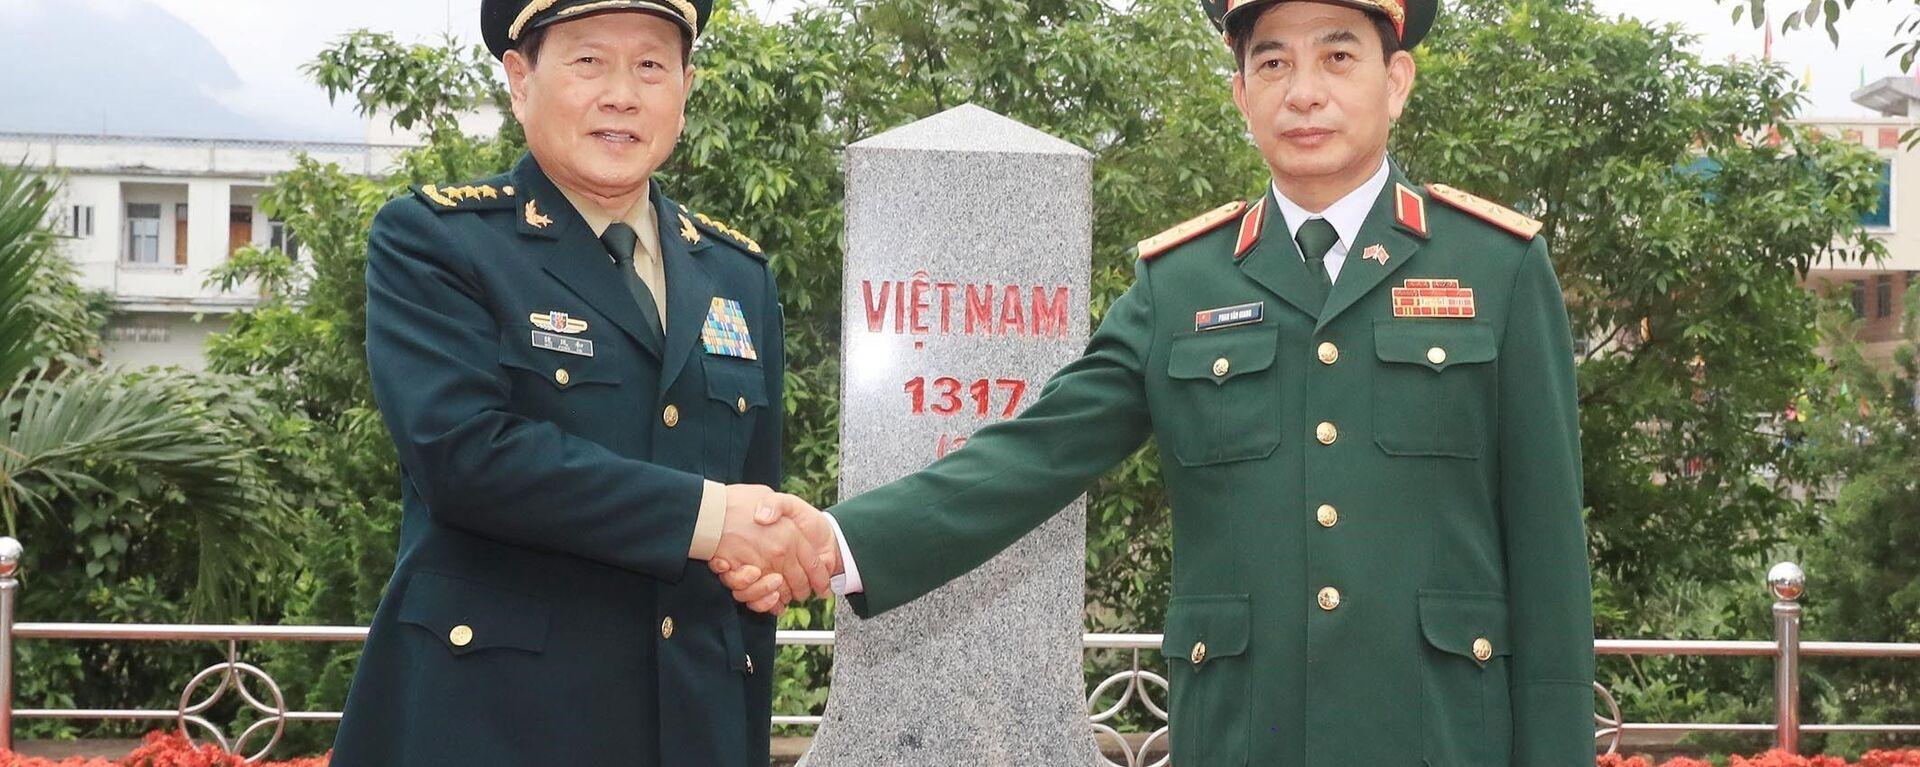 Giao lưu hữu nghị quốc phòng biên giới Việt Nam - Trung Quốc lần thứ 6 (chiều 24/4) - Sputnik Việt Nam, 1920, 24.04.2021